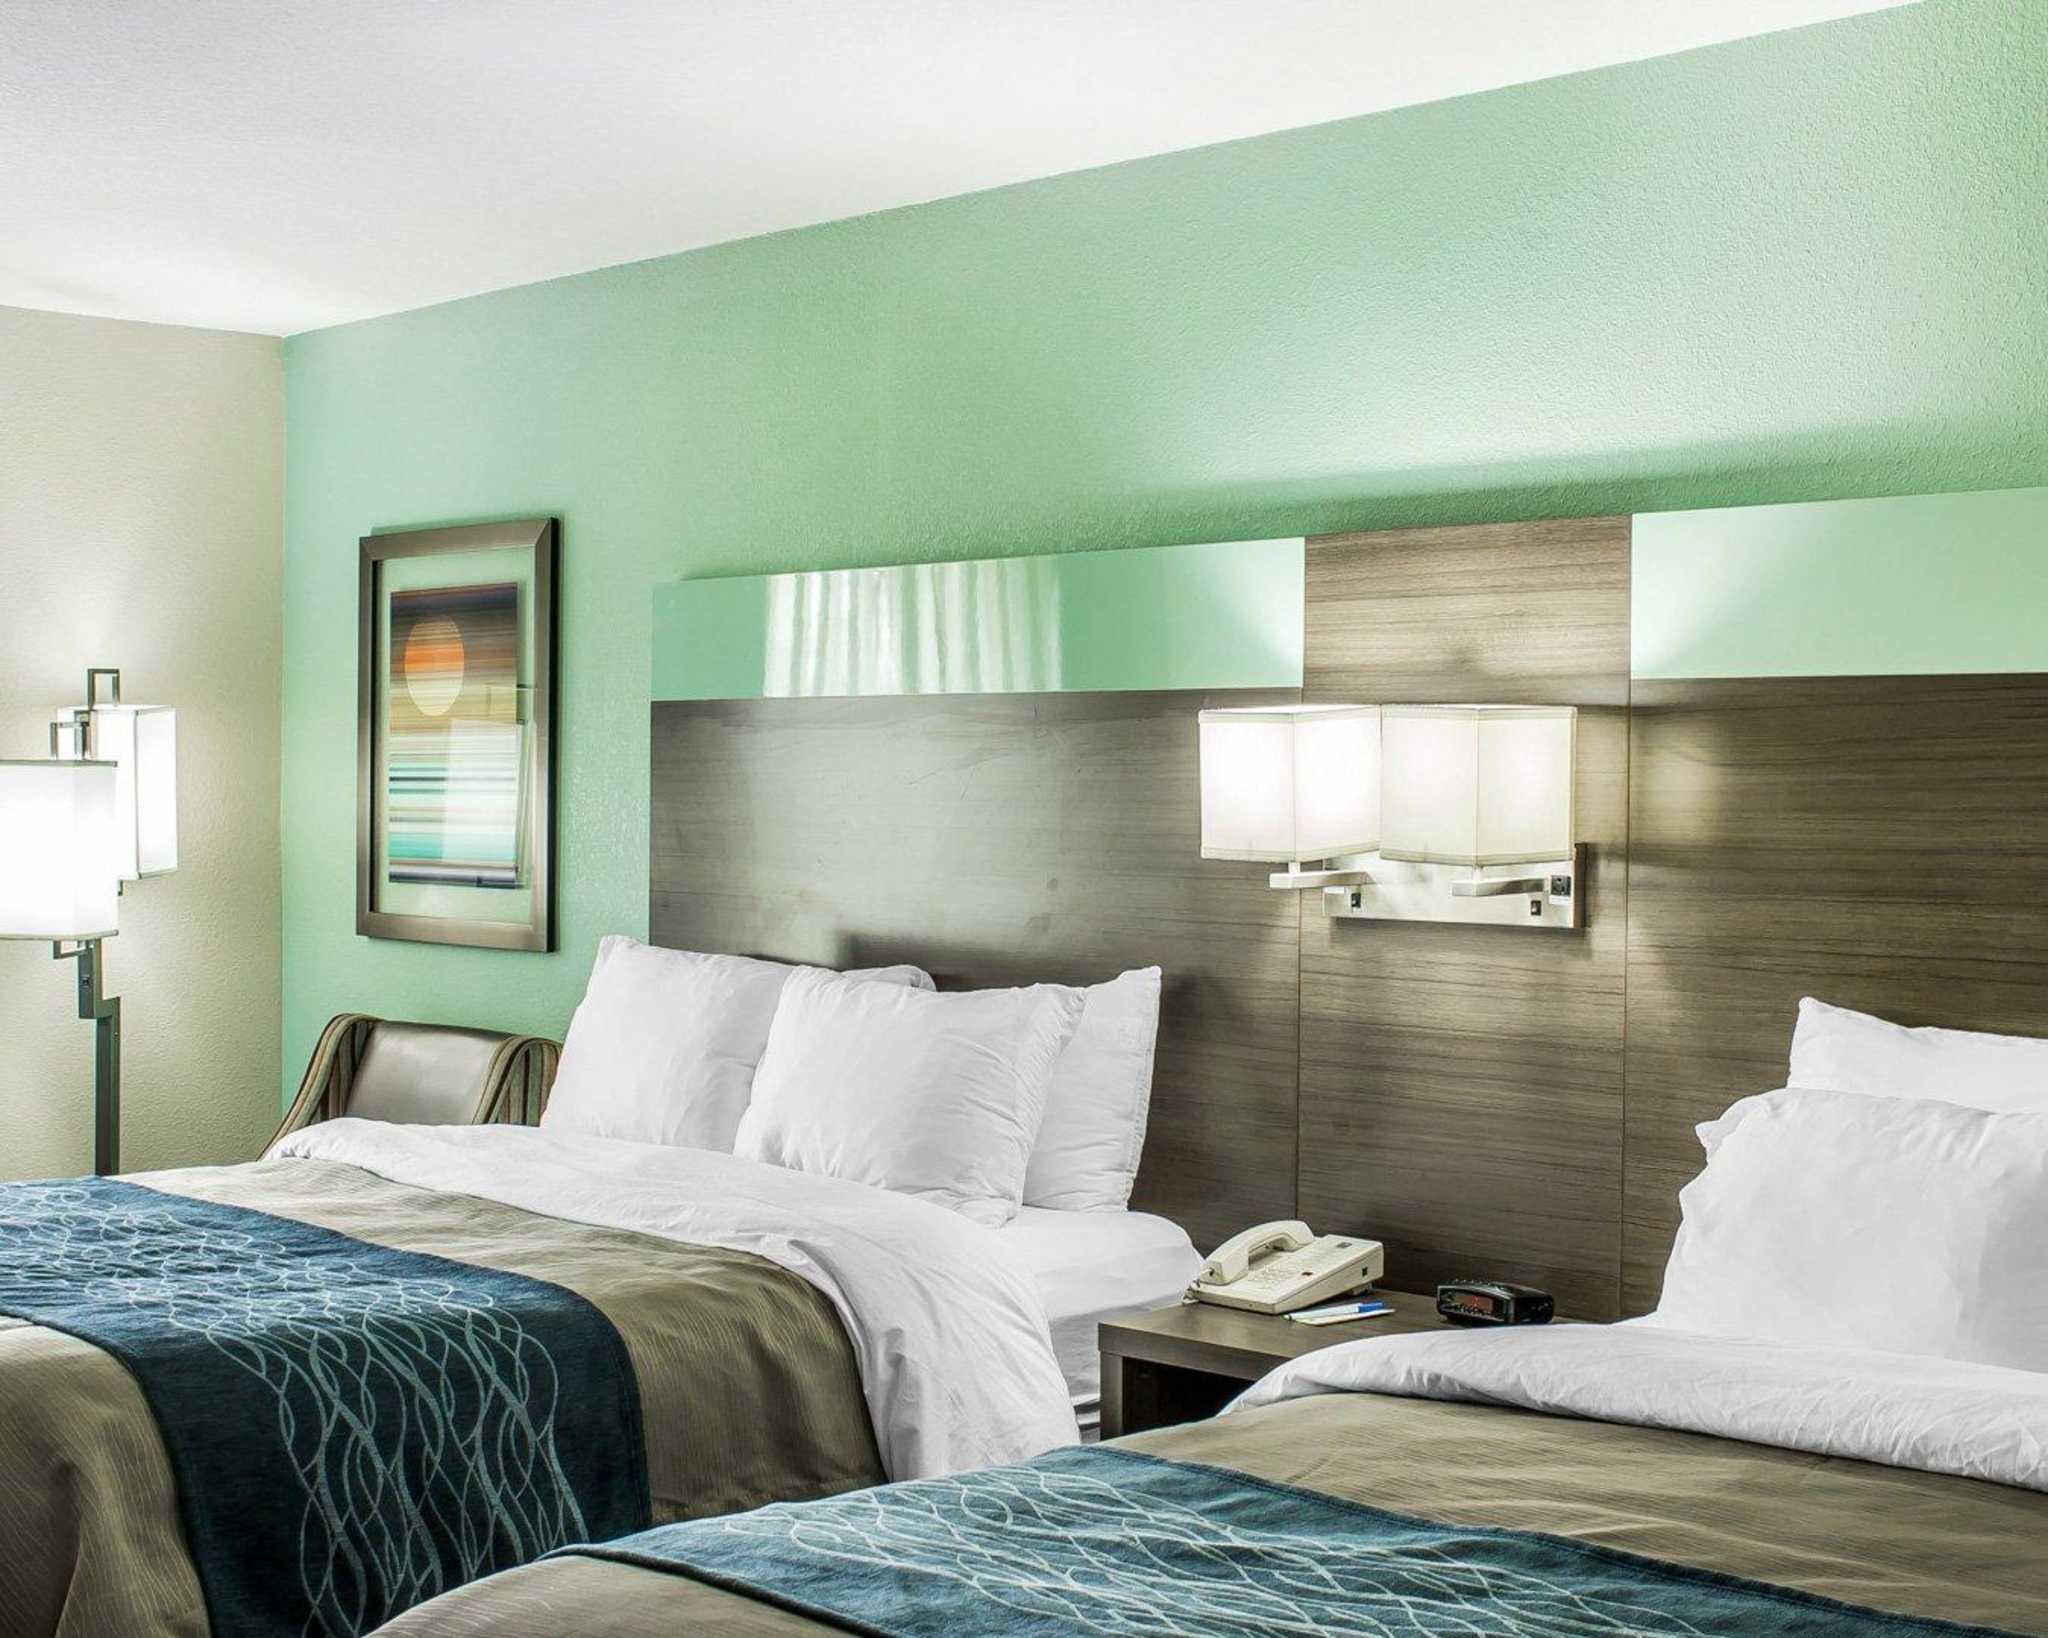 Comfort Inn image 18